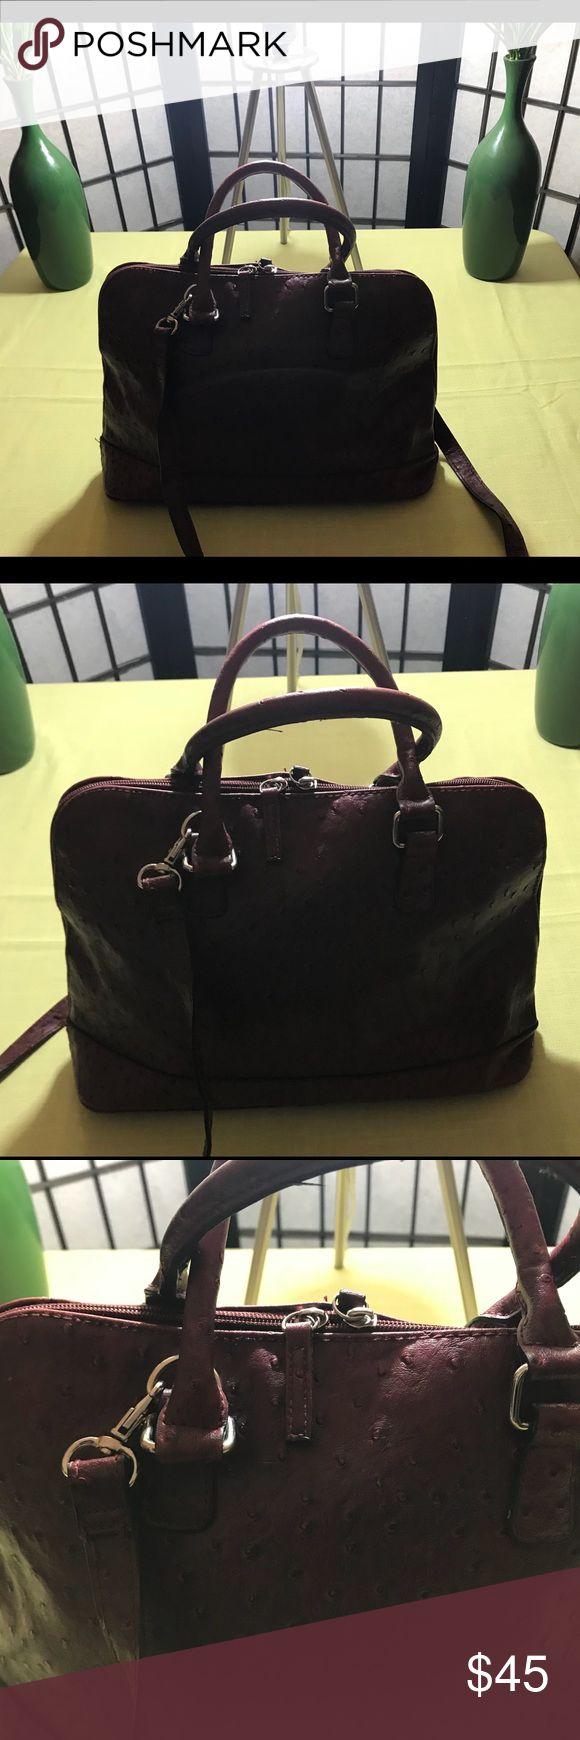 """Bueno burgundy handbag with pebble design Bueno burgundy handbag with pebble design and strap/ excellent condition/ dimensions 9"""" x 15"""" Bueno Bags Shoulder Bags"""